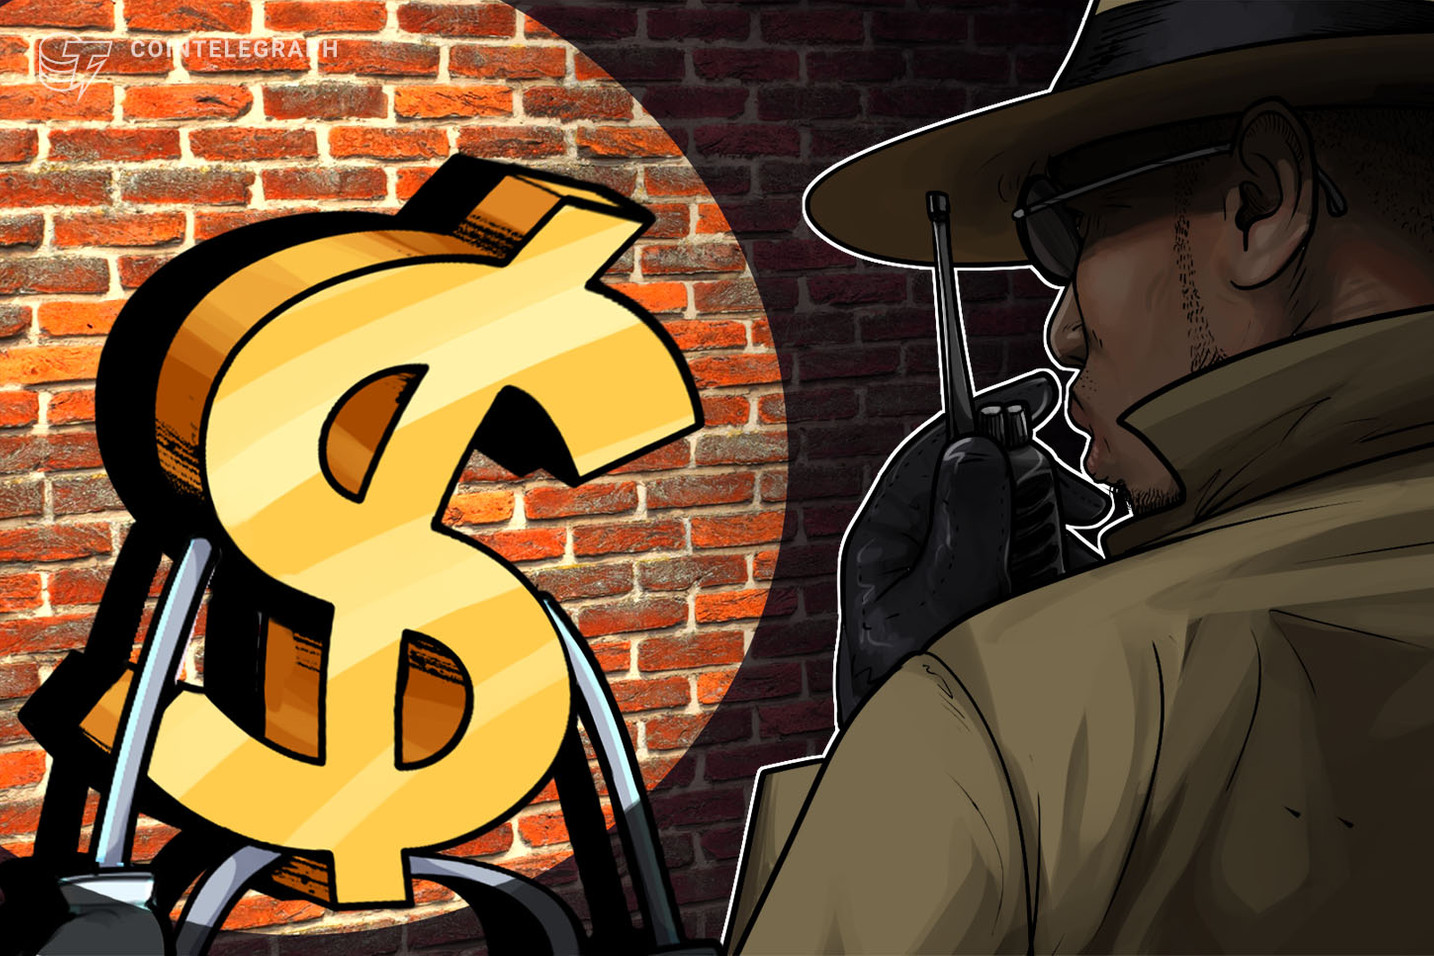 米国の情報機関「仮想通貨が米ドルを弱体化させる懸念」【ニュース】